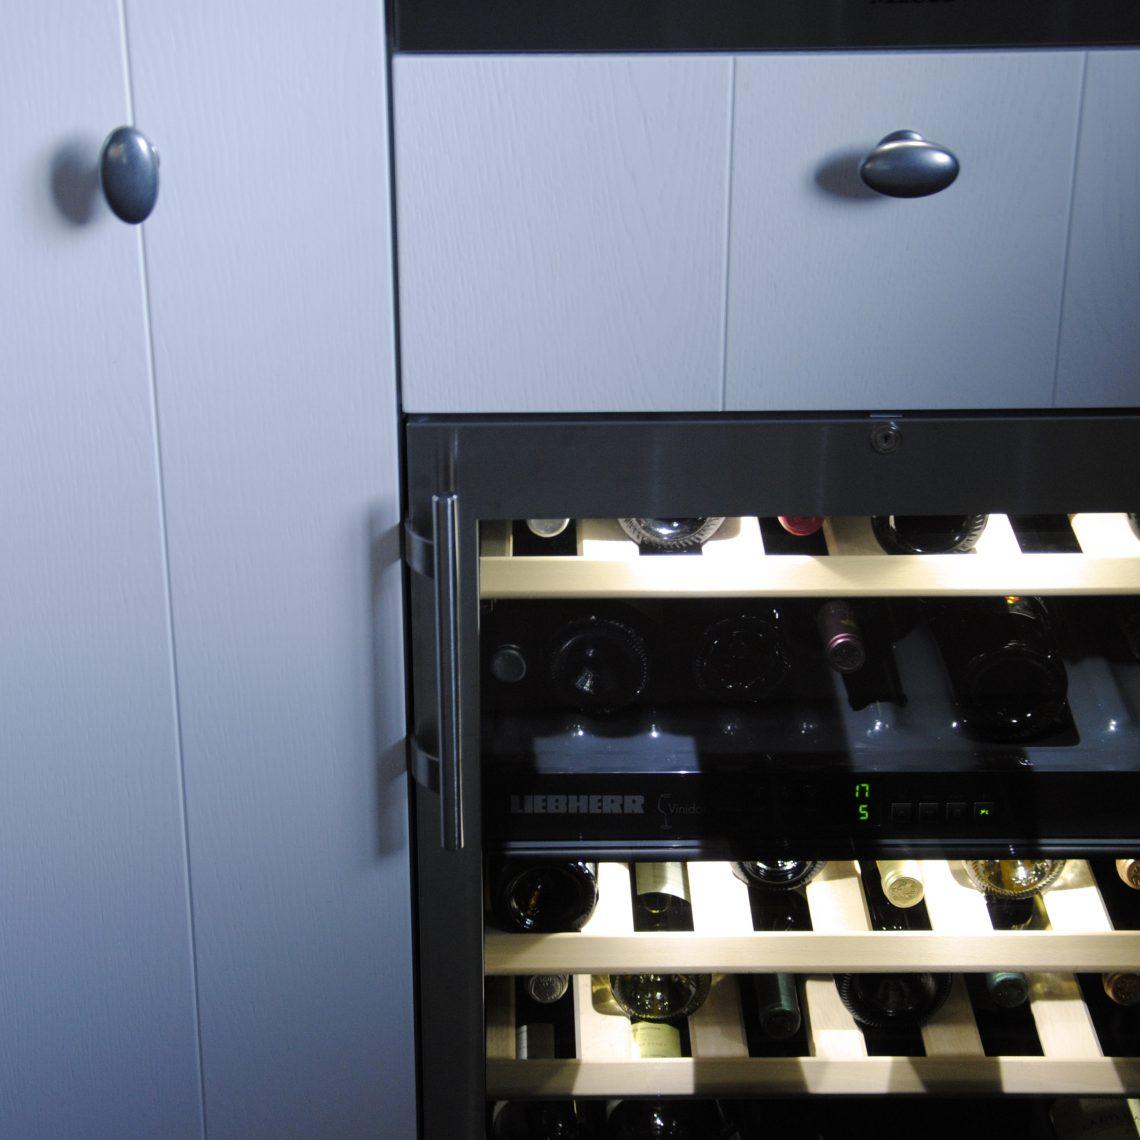 Handgemaakte keuken met wijnklimaatkast